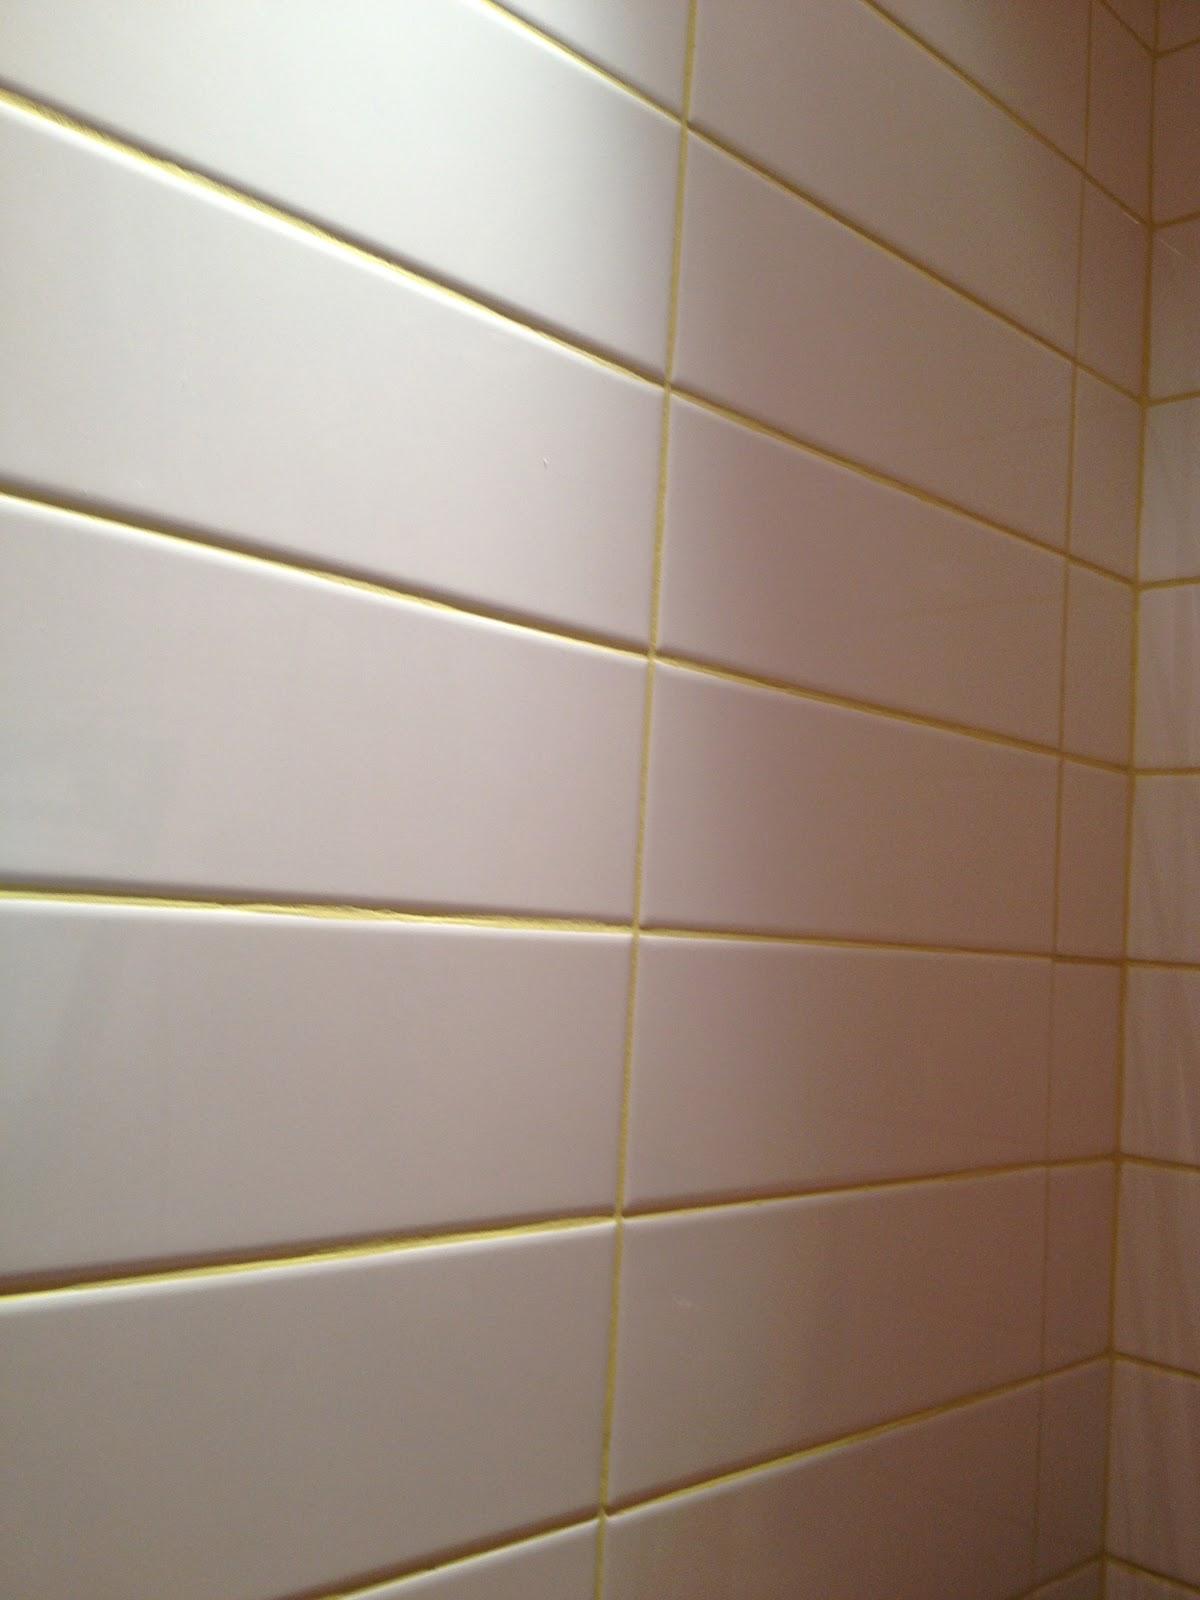 Nossa casa muito engraçada: Visita à Morar Mais por Menos RJ #503723 1200x1600 Azulejo Fosco Banheiro